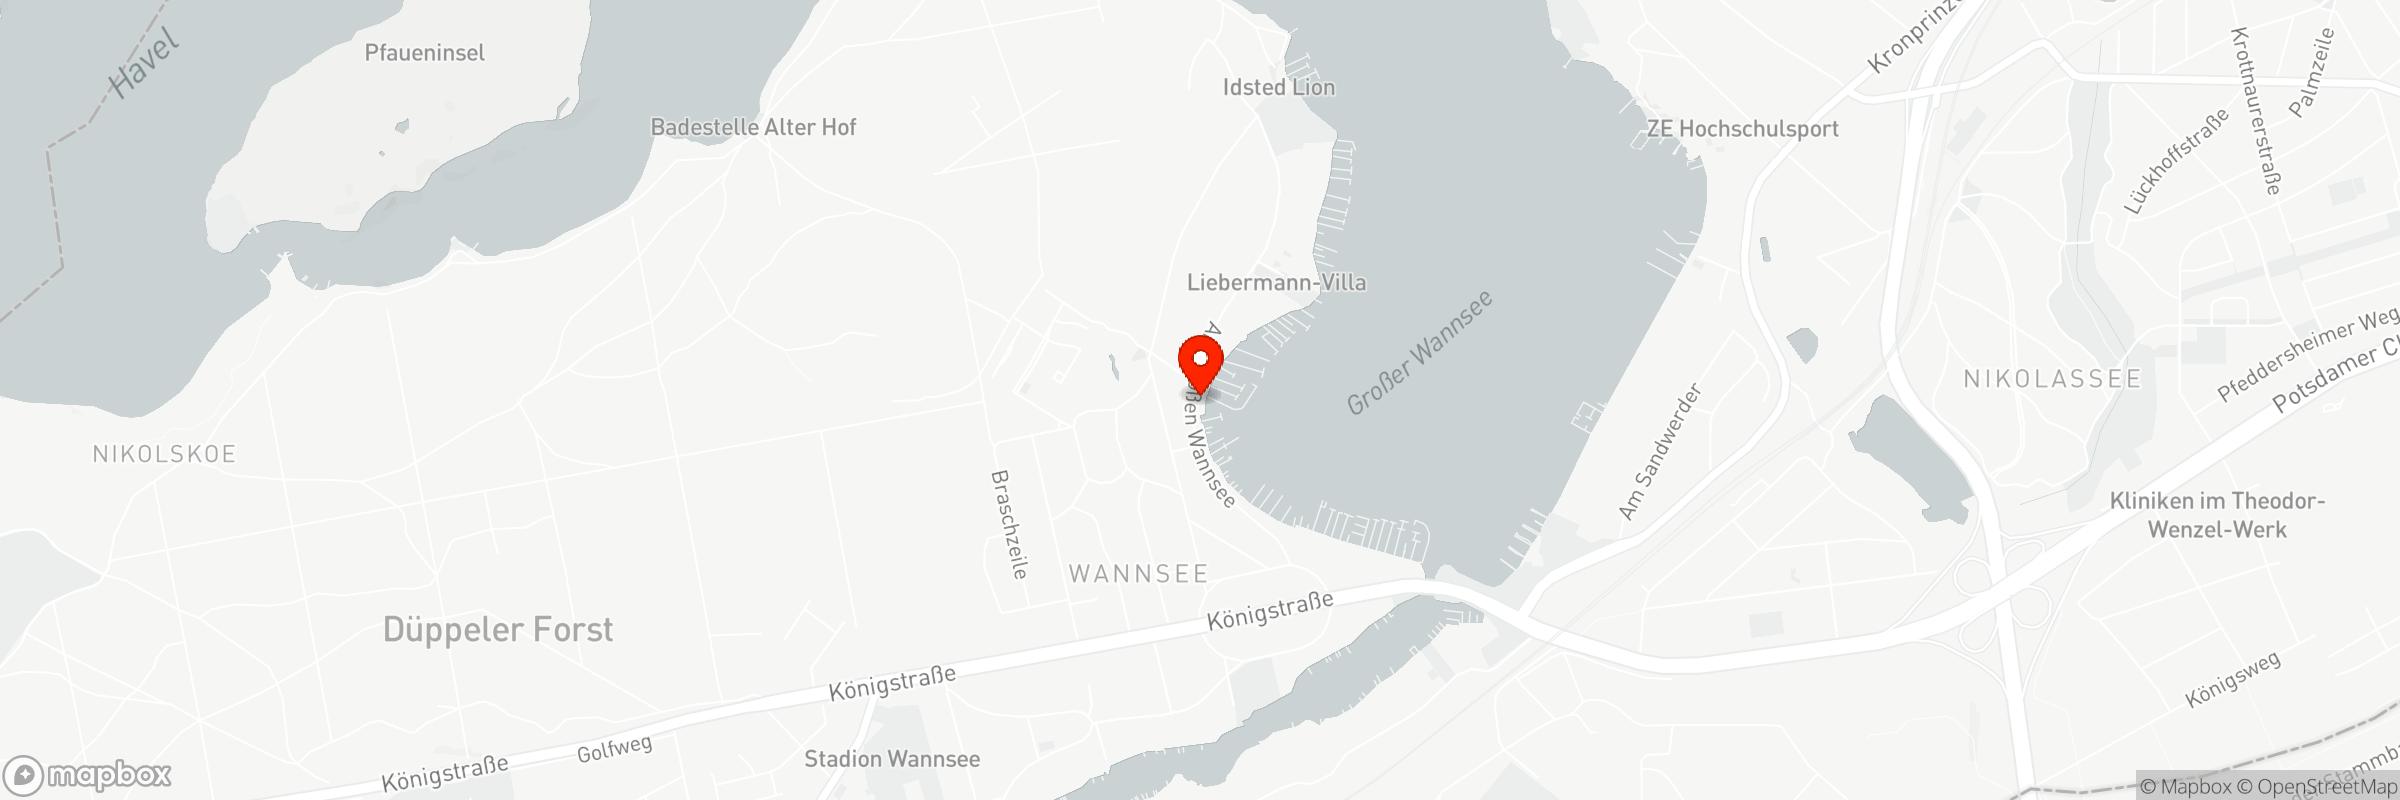 Mapbox Map of 13.16162,52.4257